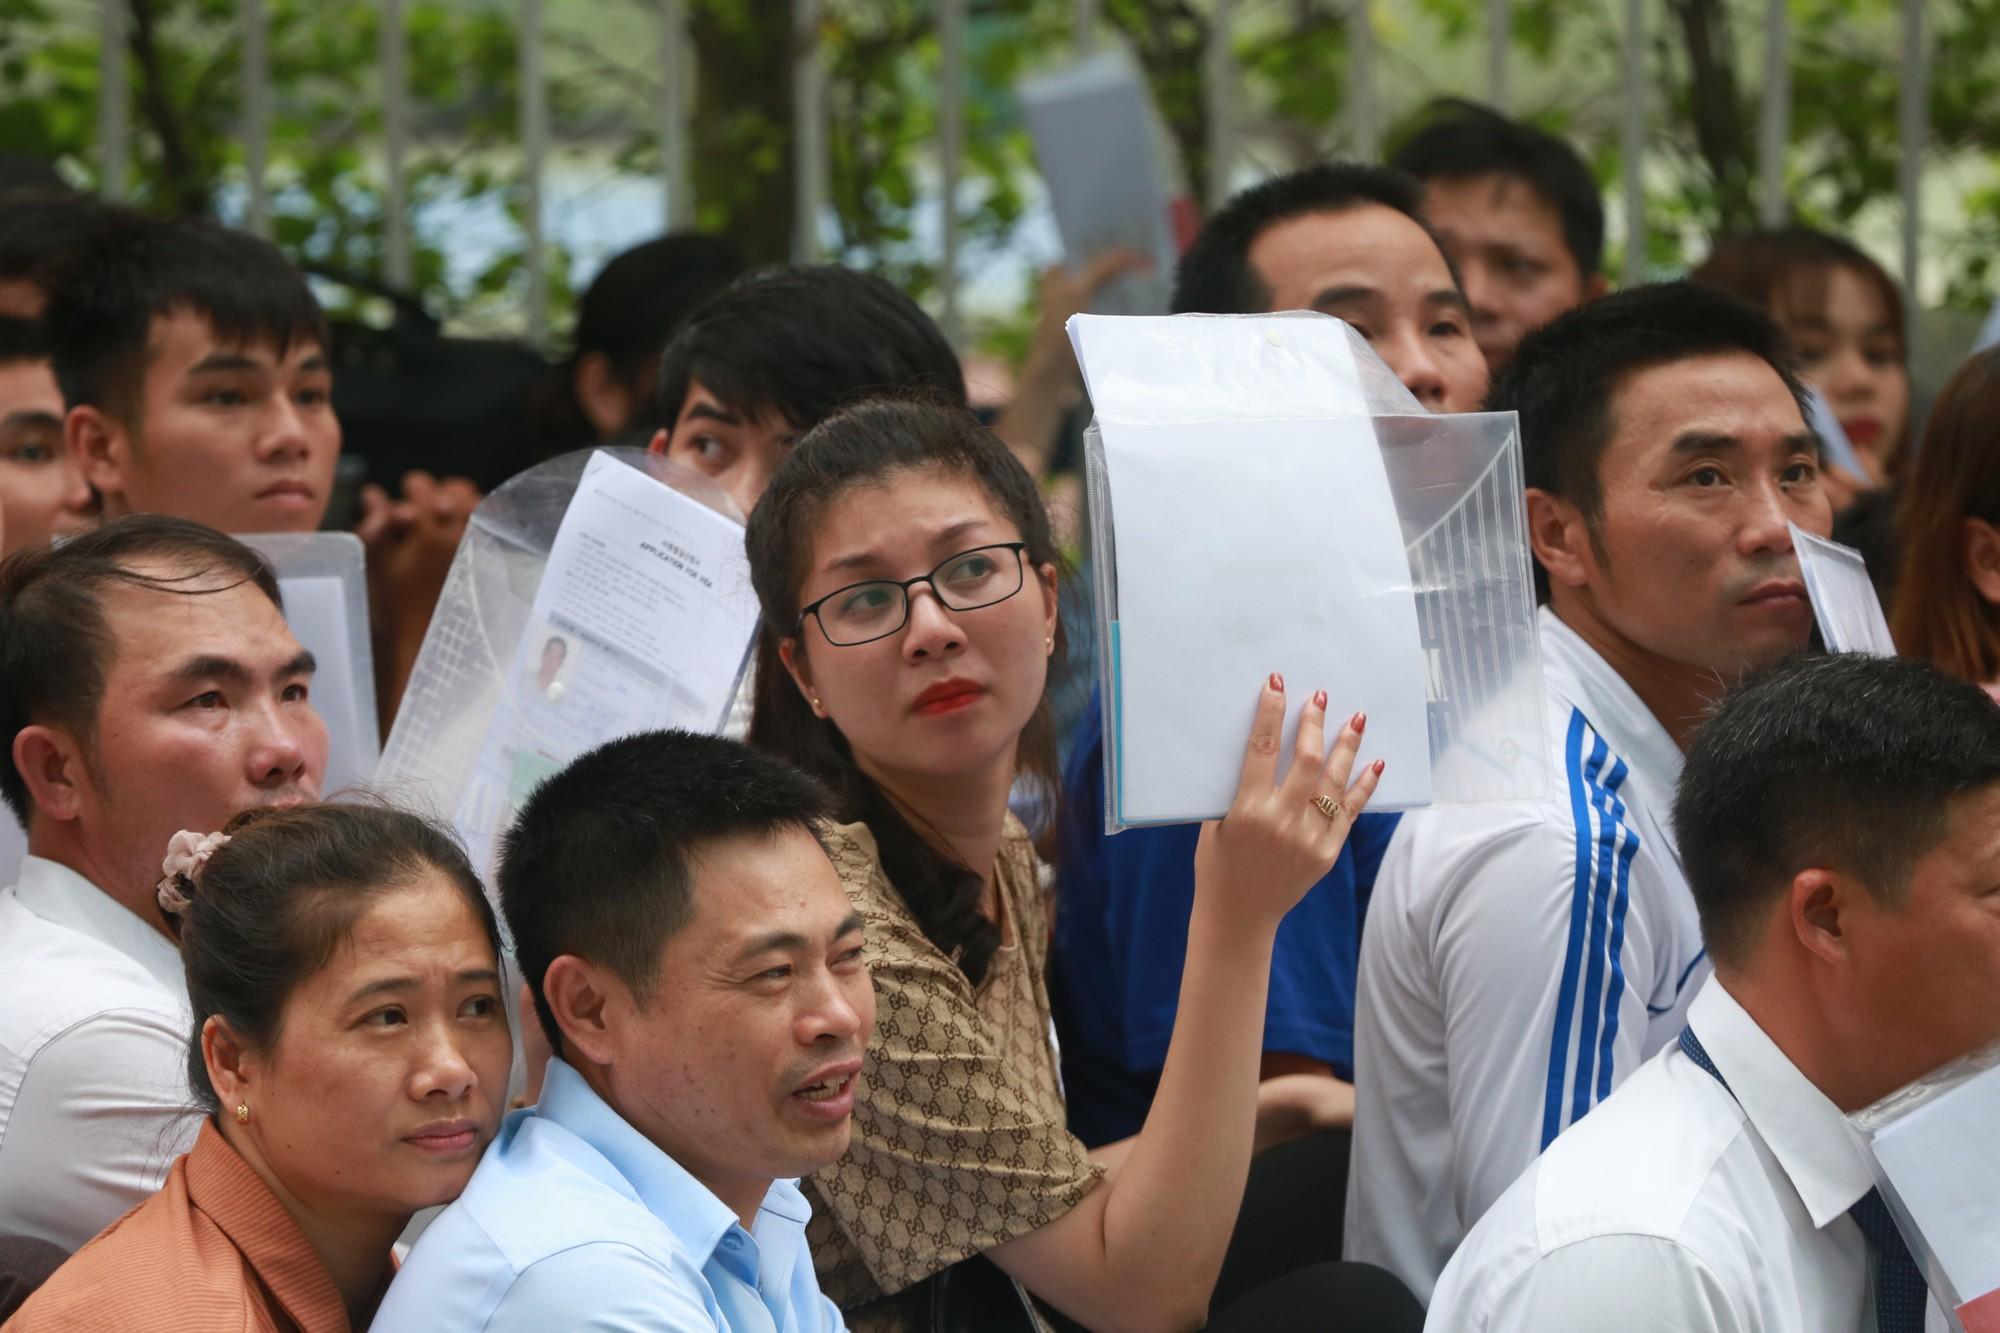 Cận cảnh hàng nghìn người xếp hàng trước Đại sứ quán Hàn Quốc chờ làm visa - Ảnh 5.